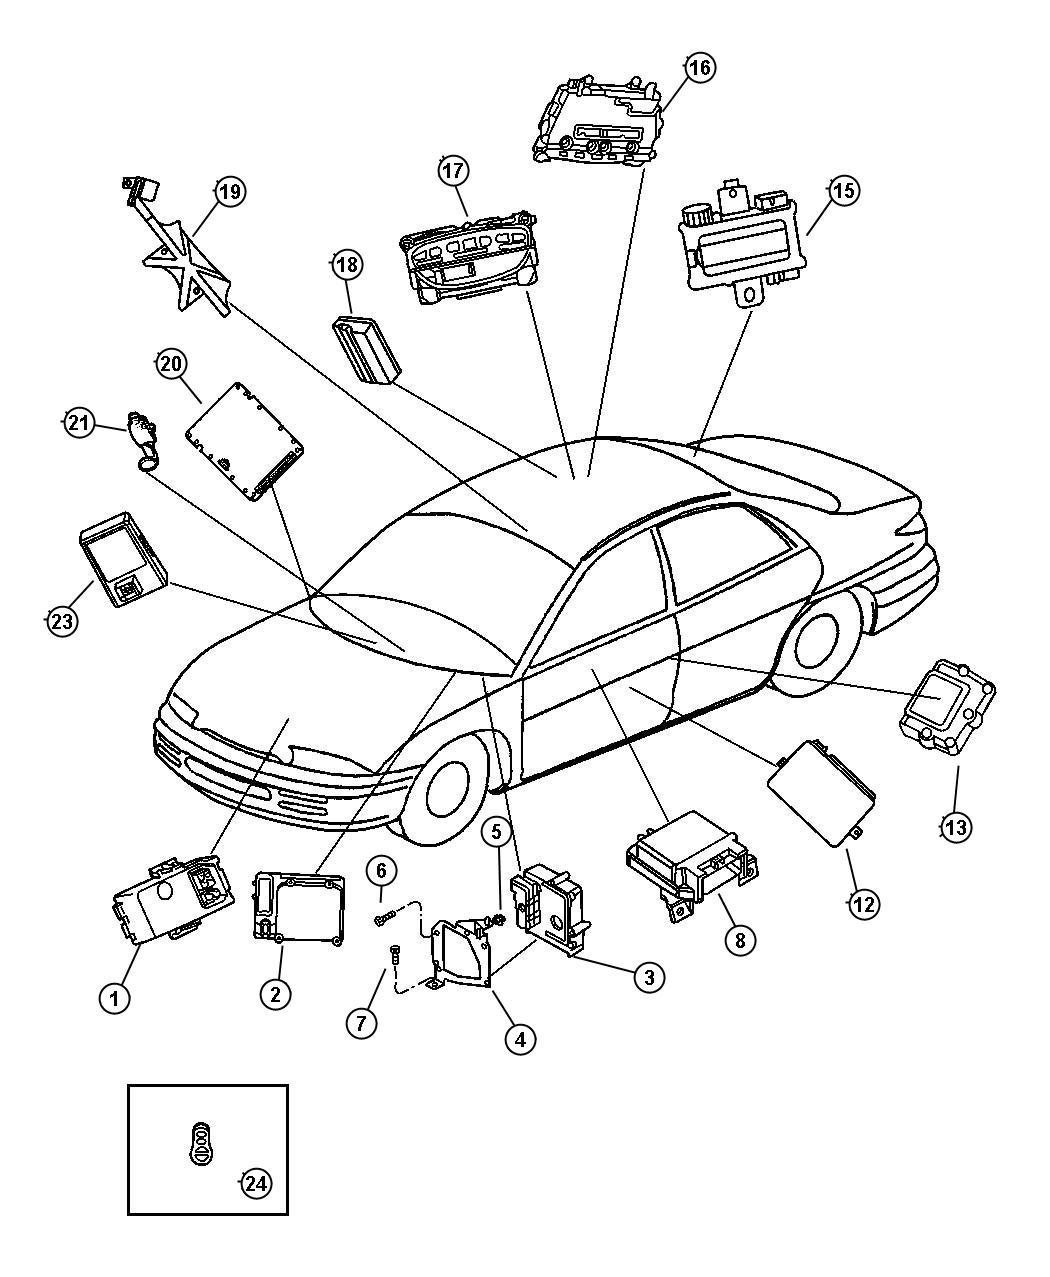 Dodge Intrepid Modules